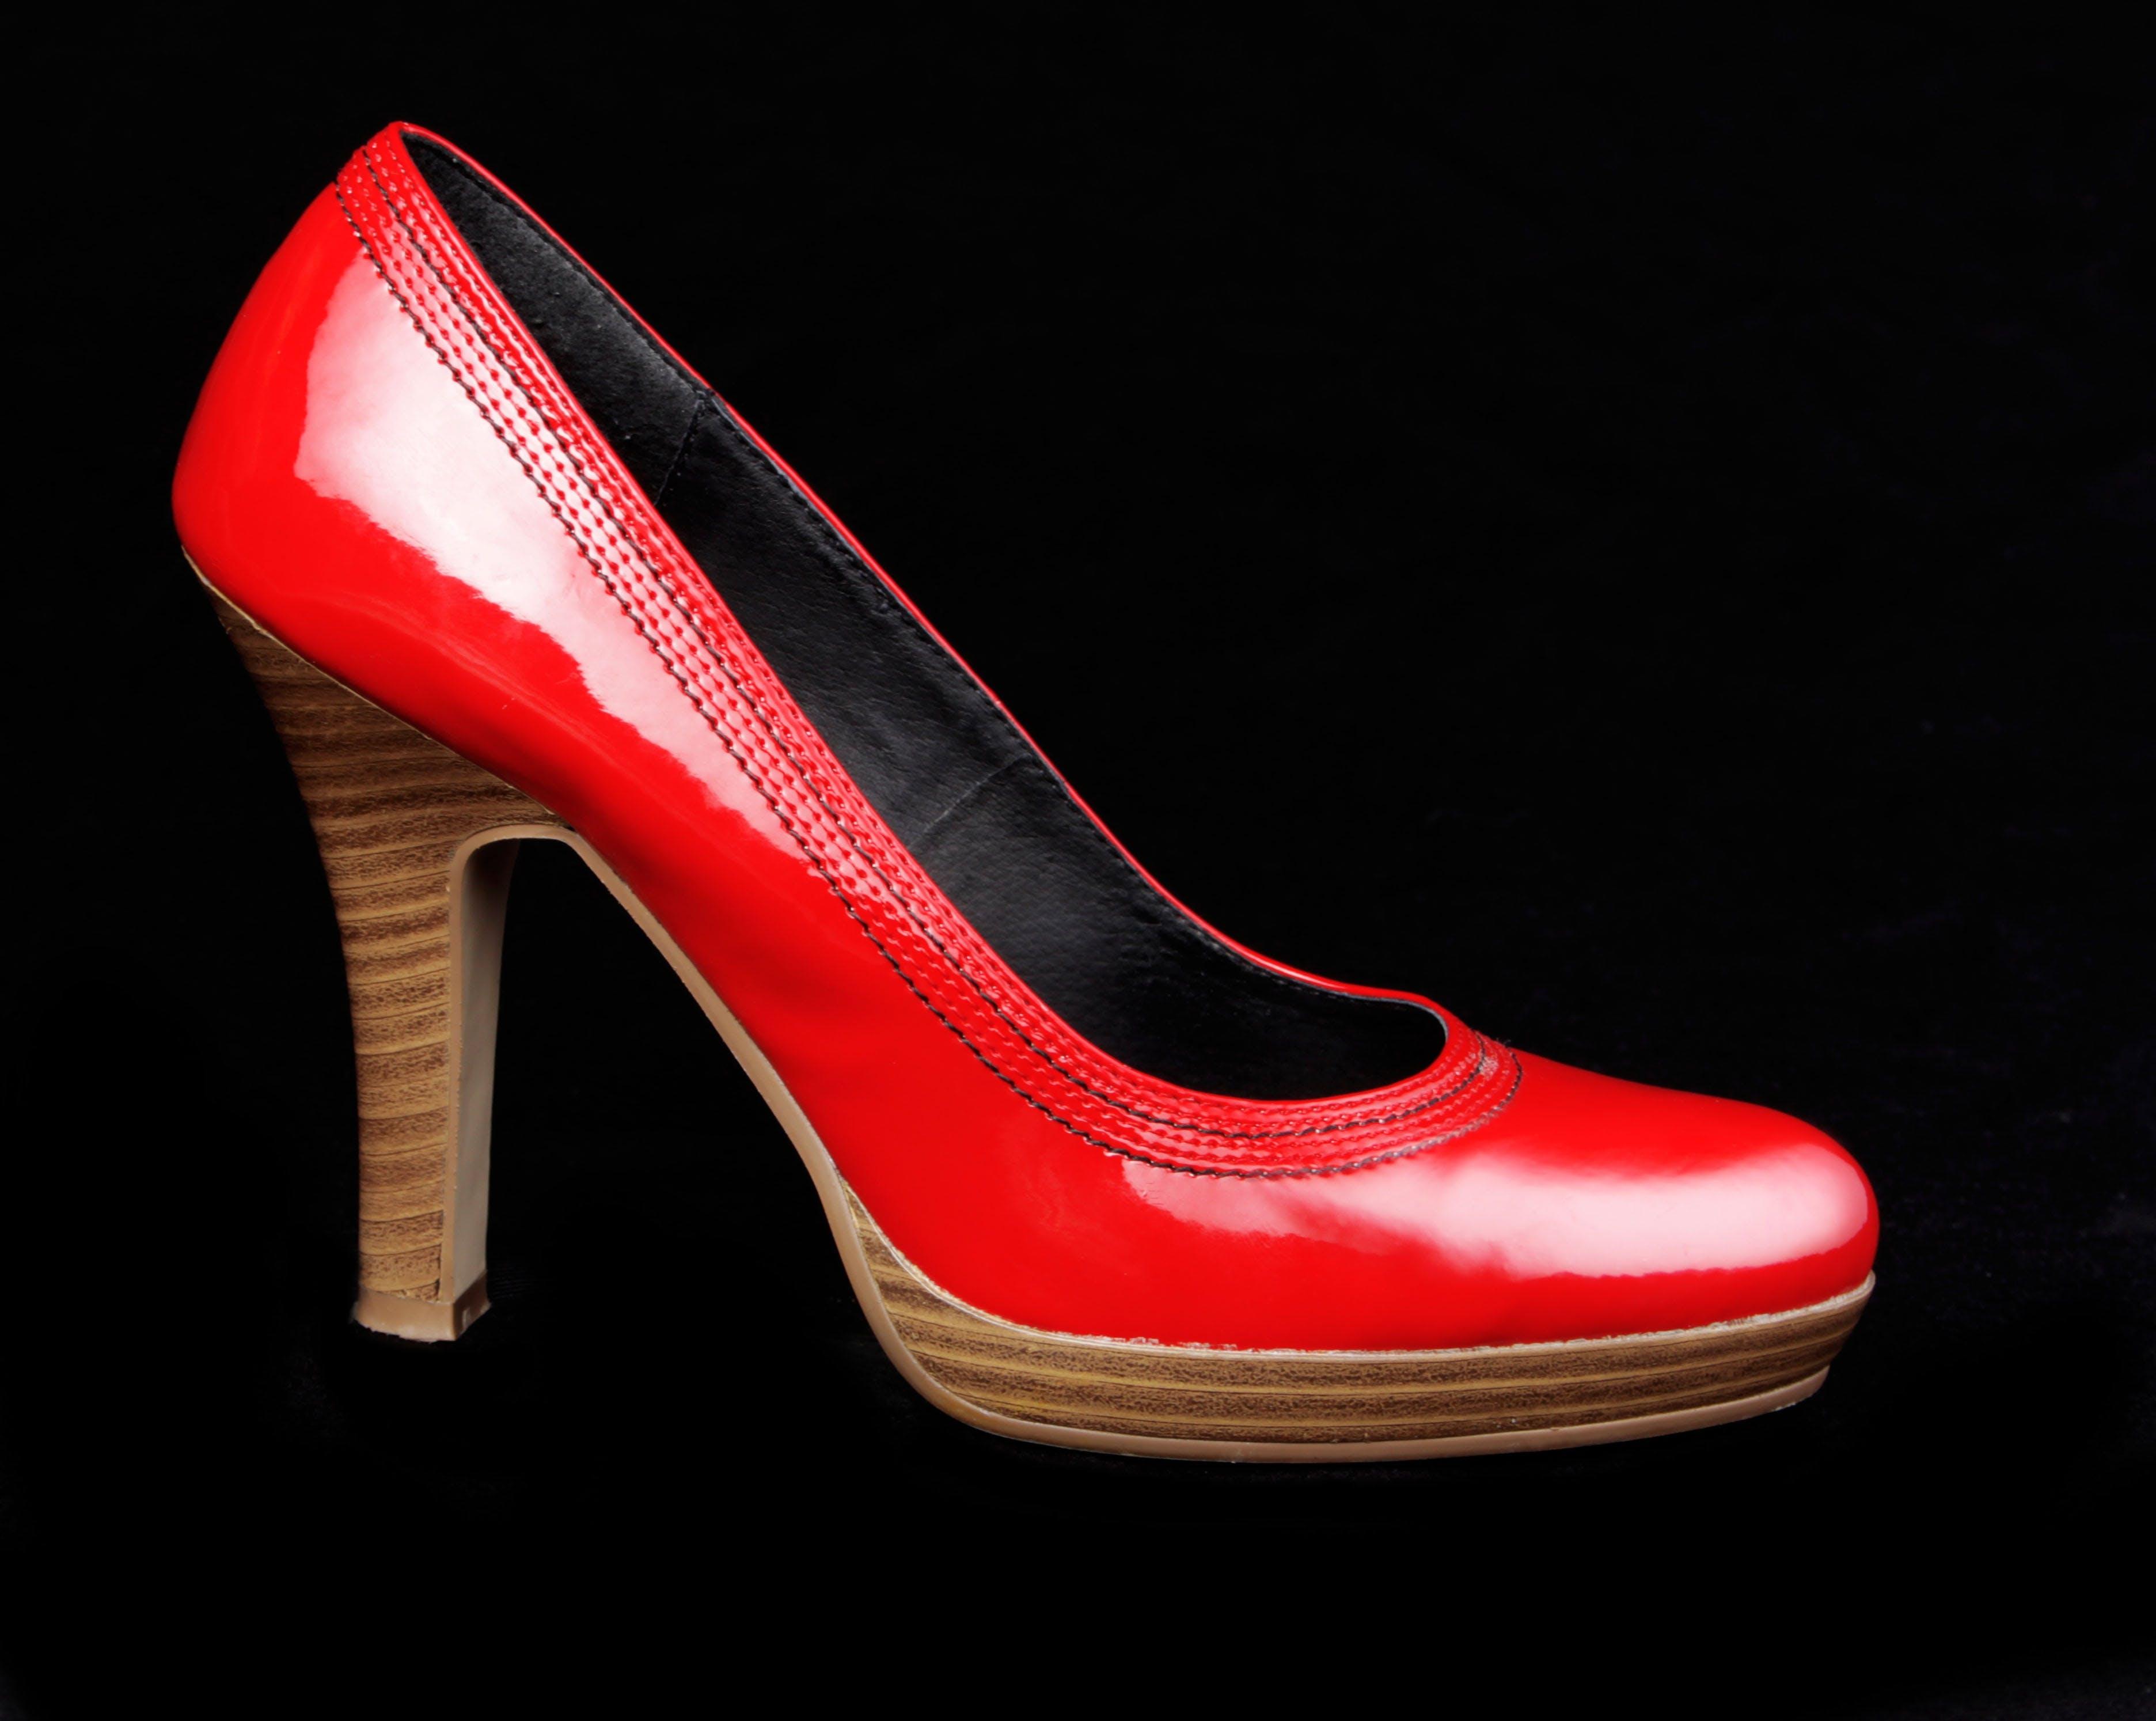 footwear, high heel, red